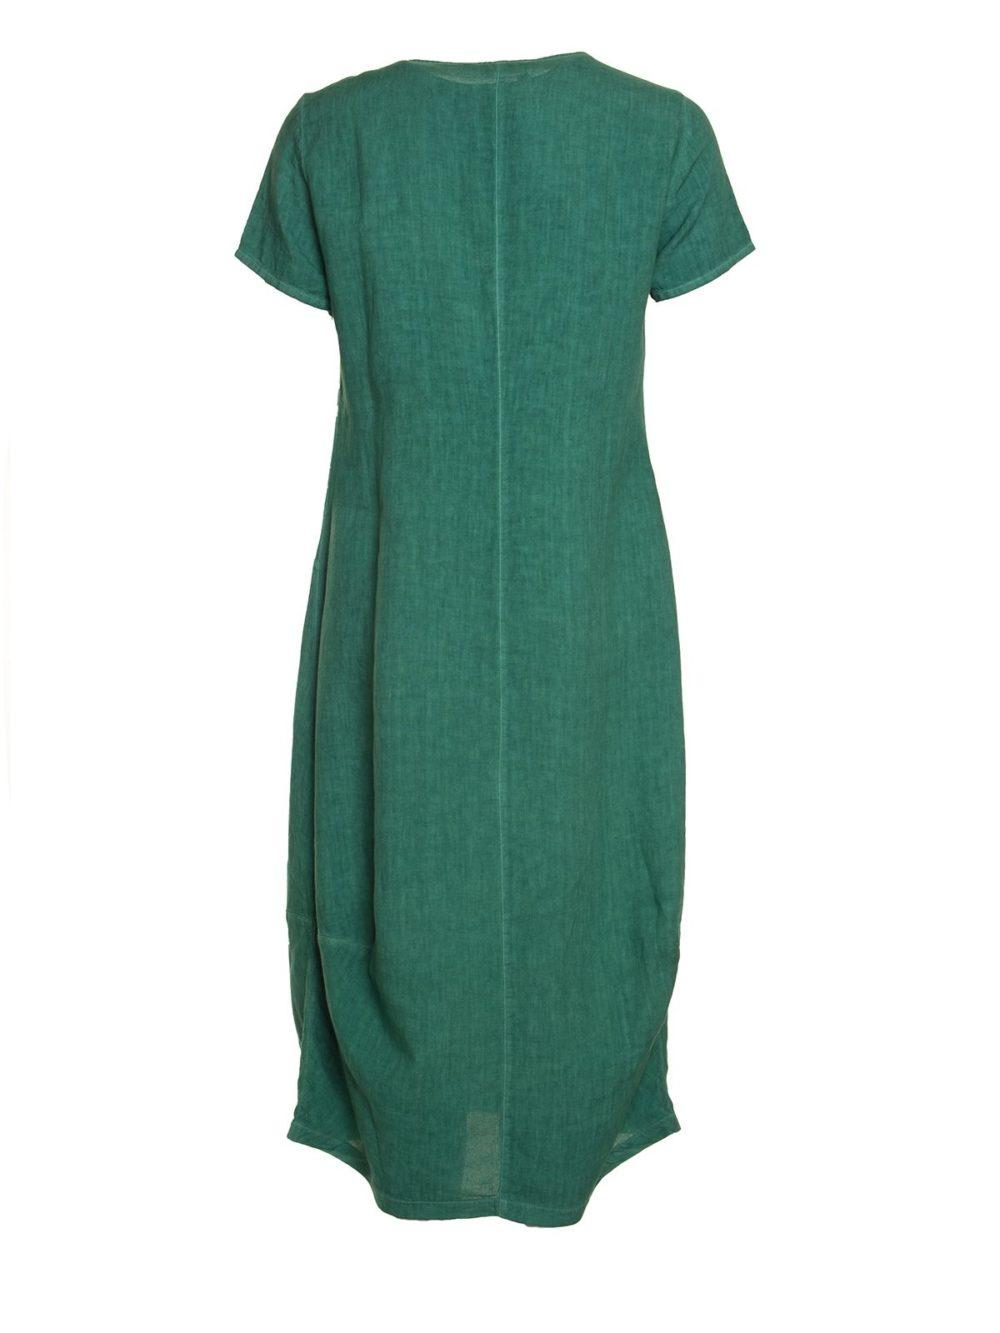 Rola Dress Elemente Clemente Katie Kerr Women's Clothing